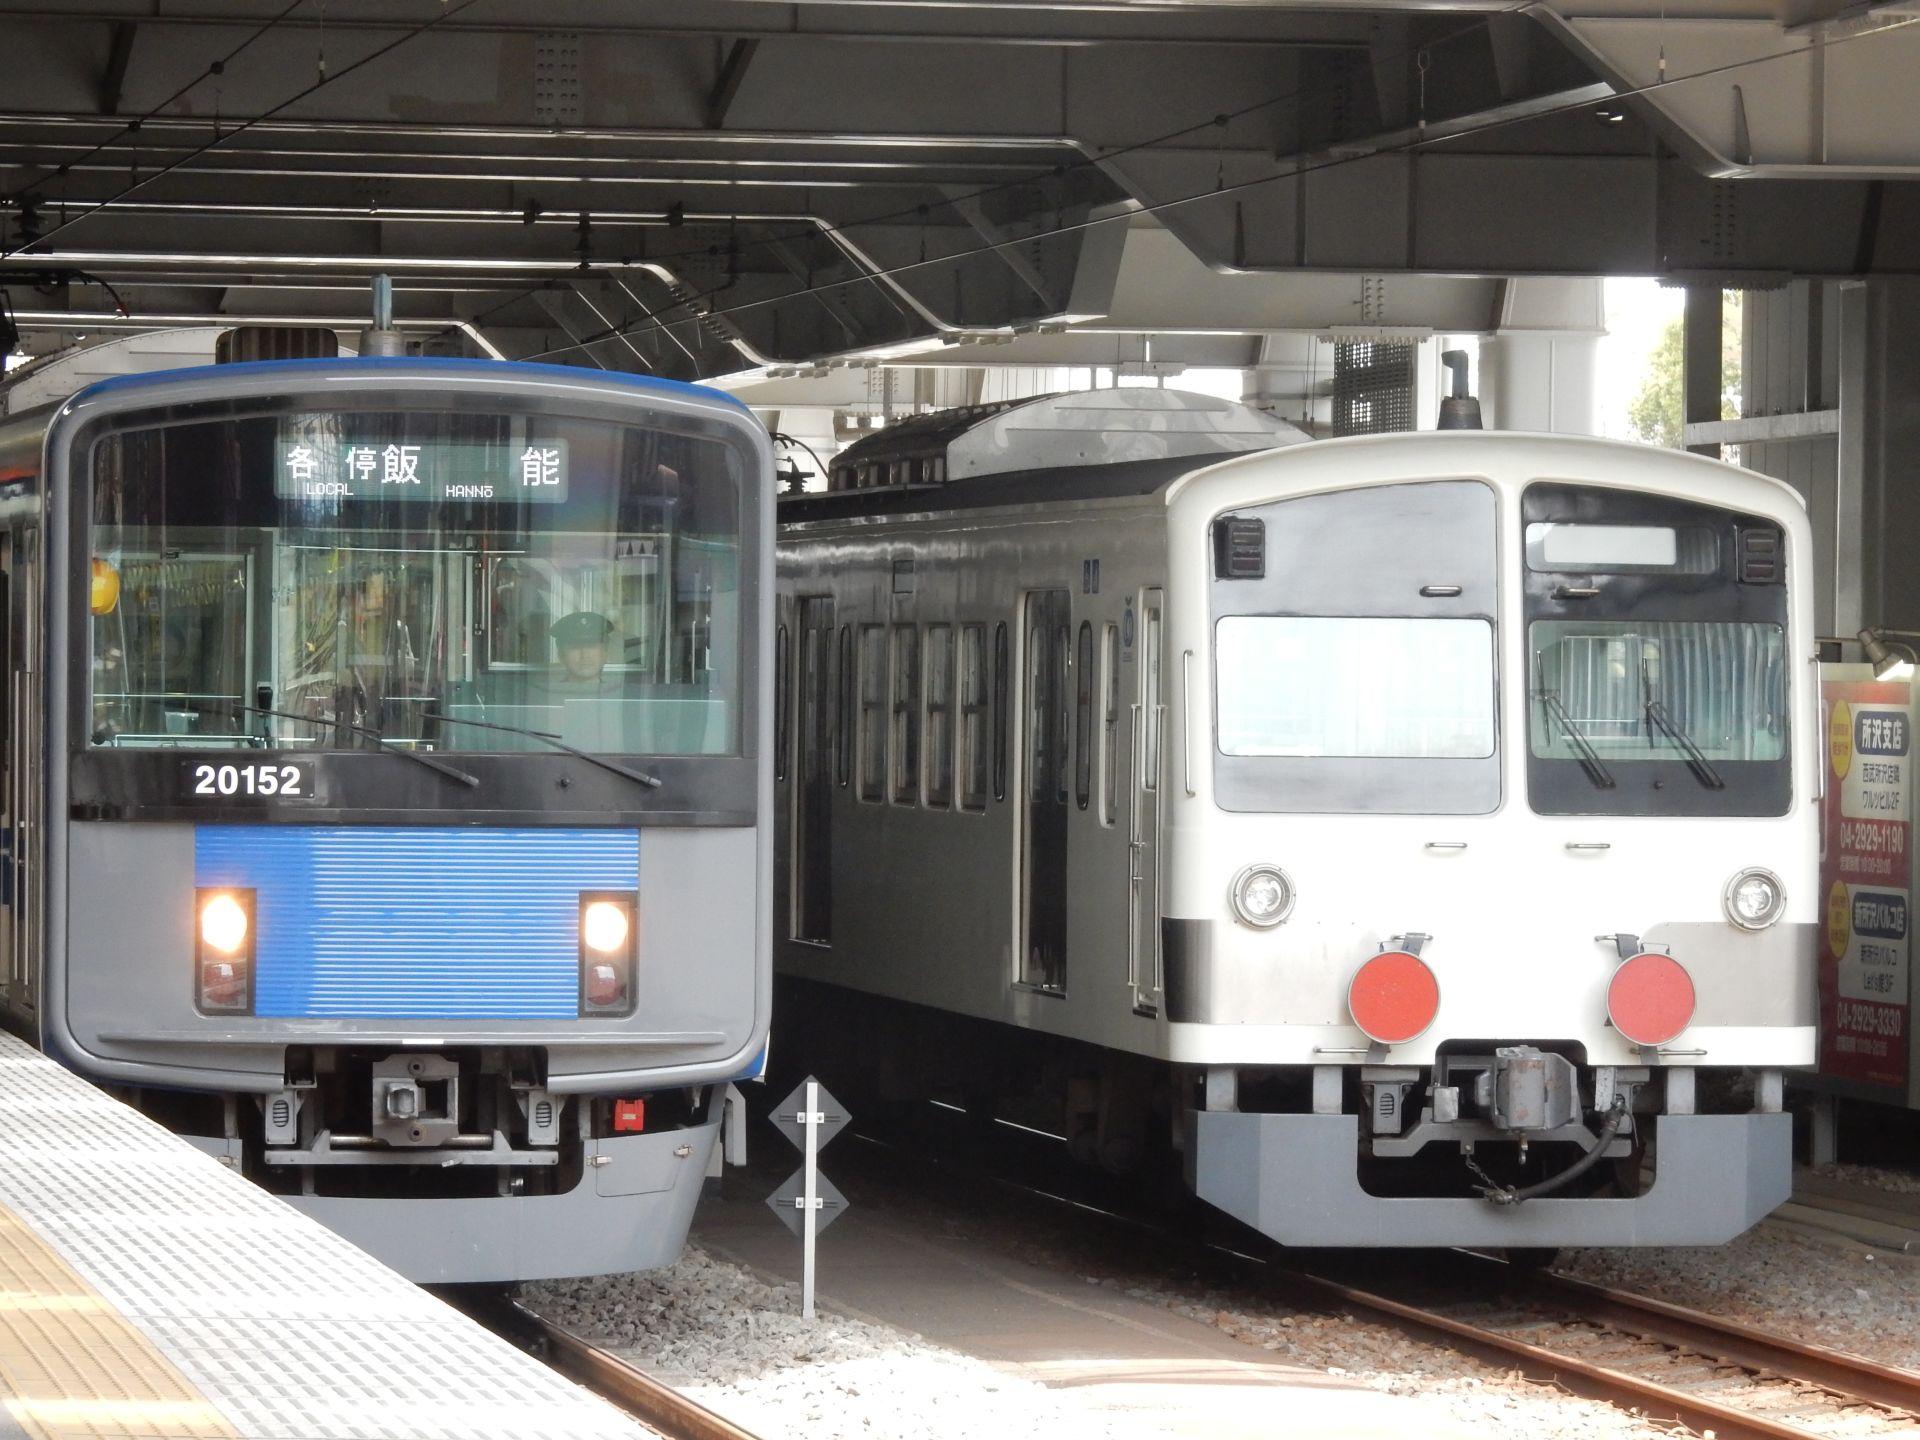 DSCN6998 - コピー